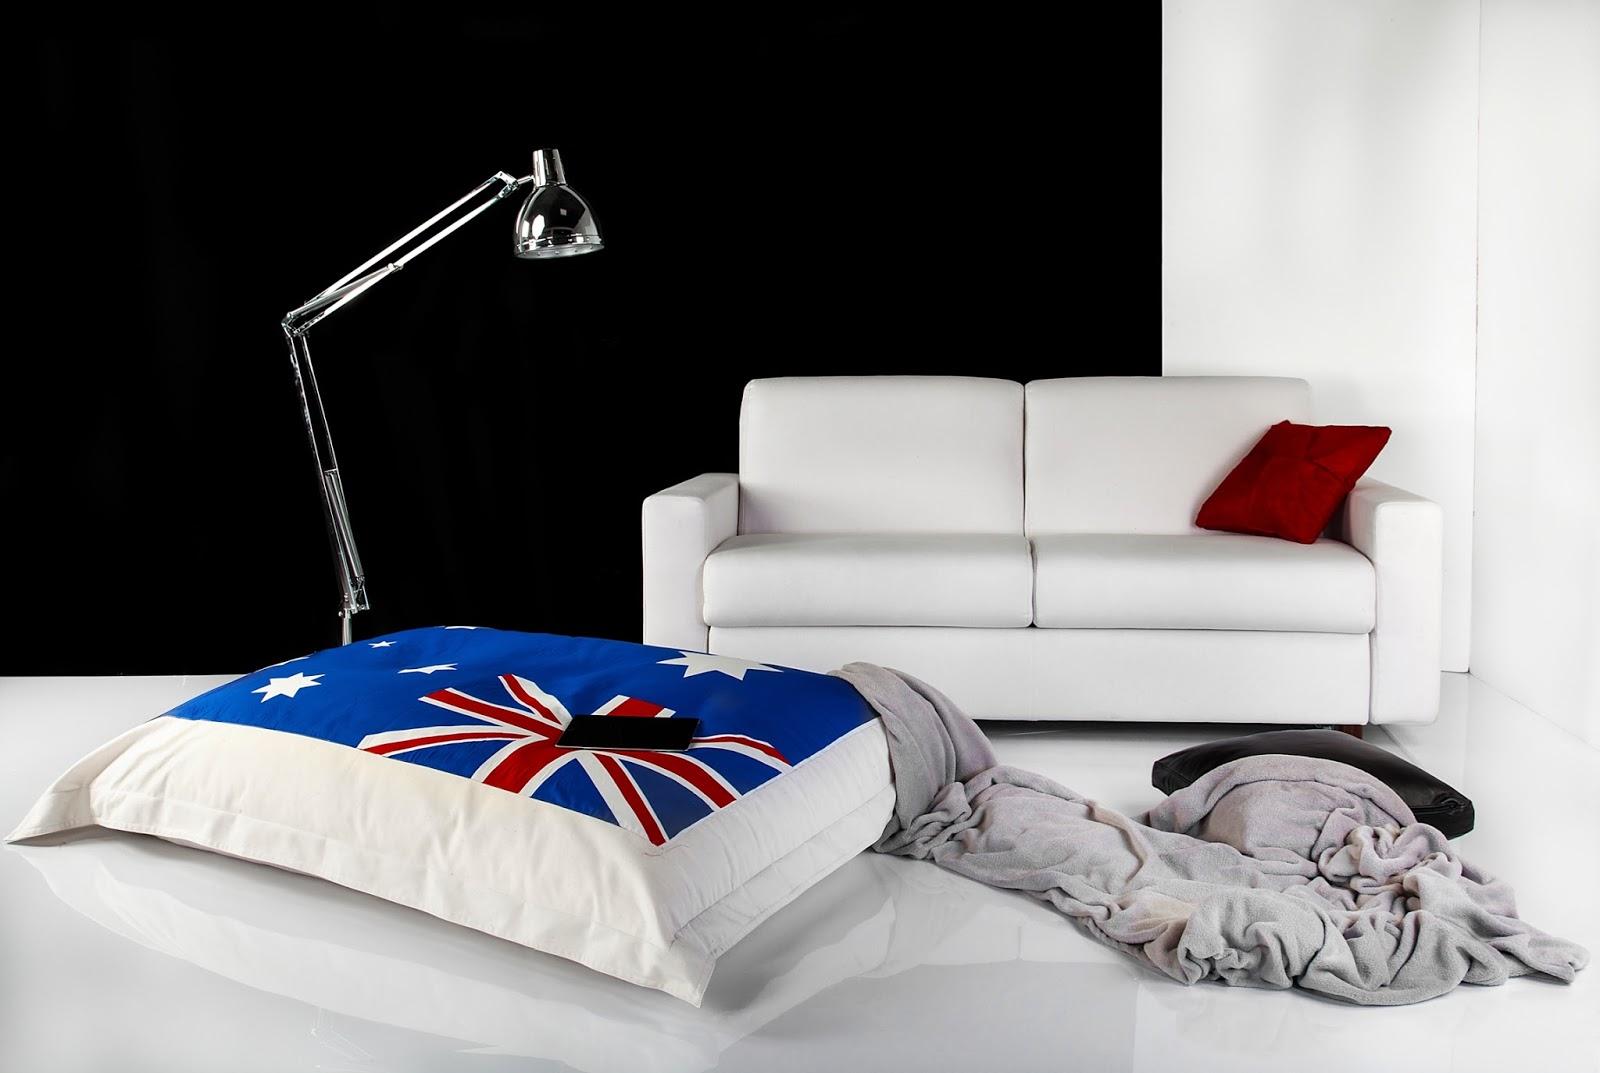 Divani blog tino mariani divano letto moderno e - Divano letto moderno ...